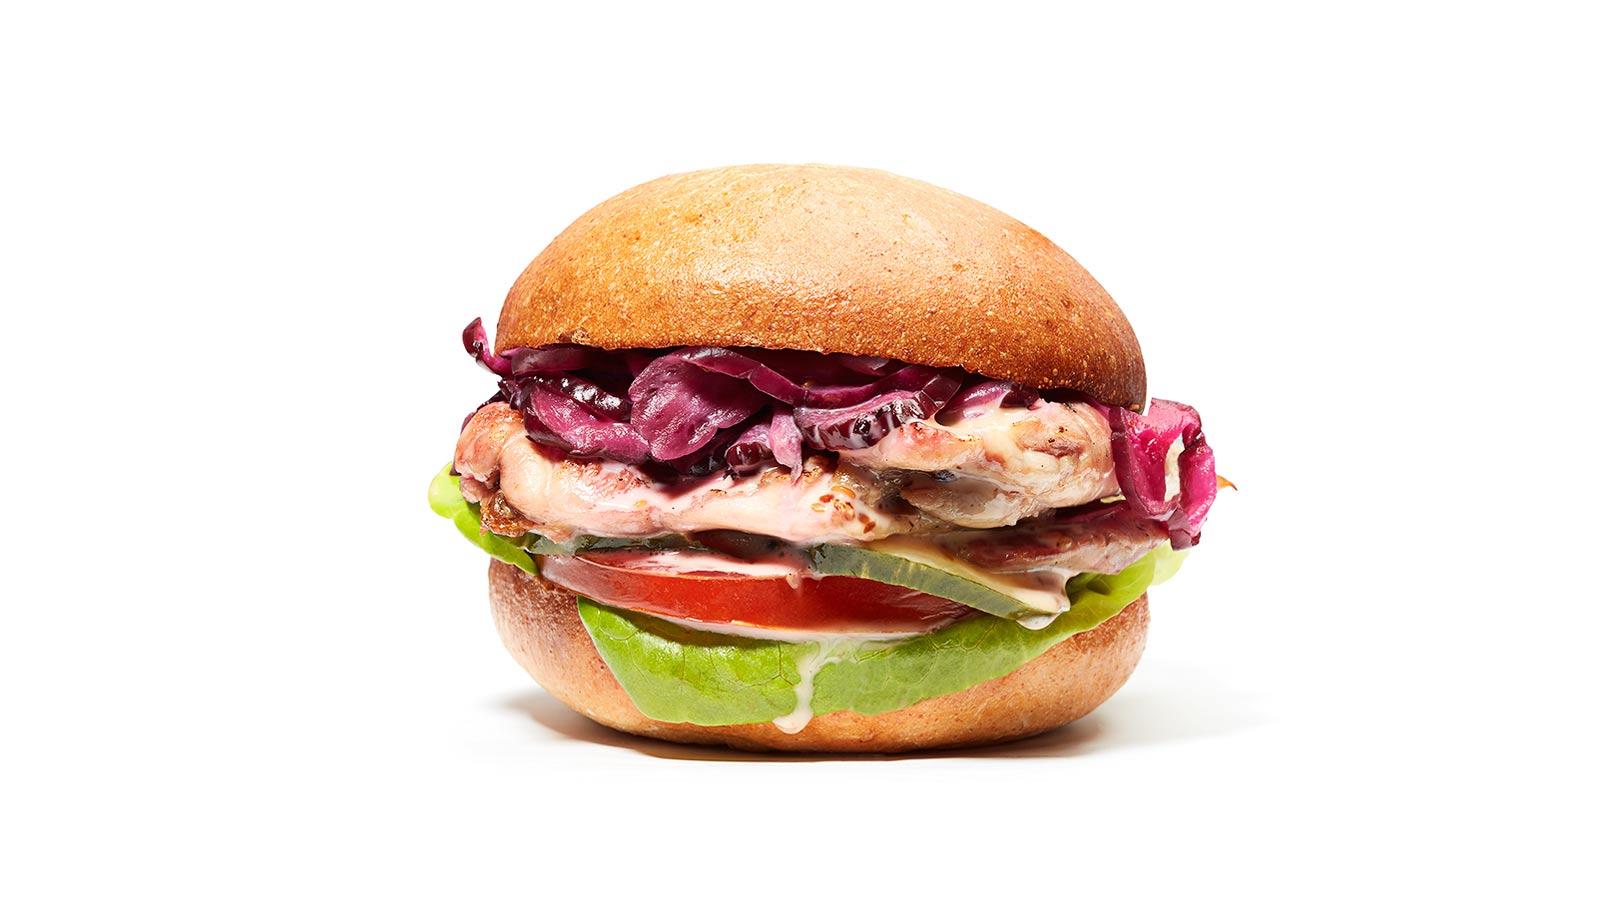 Productfotografie_portfolio_burger